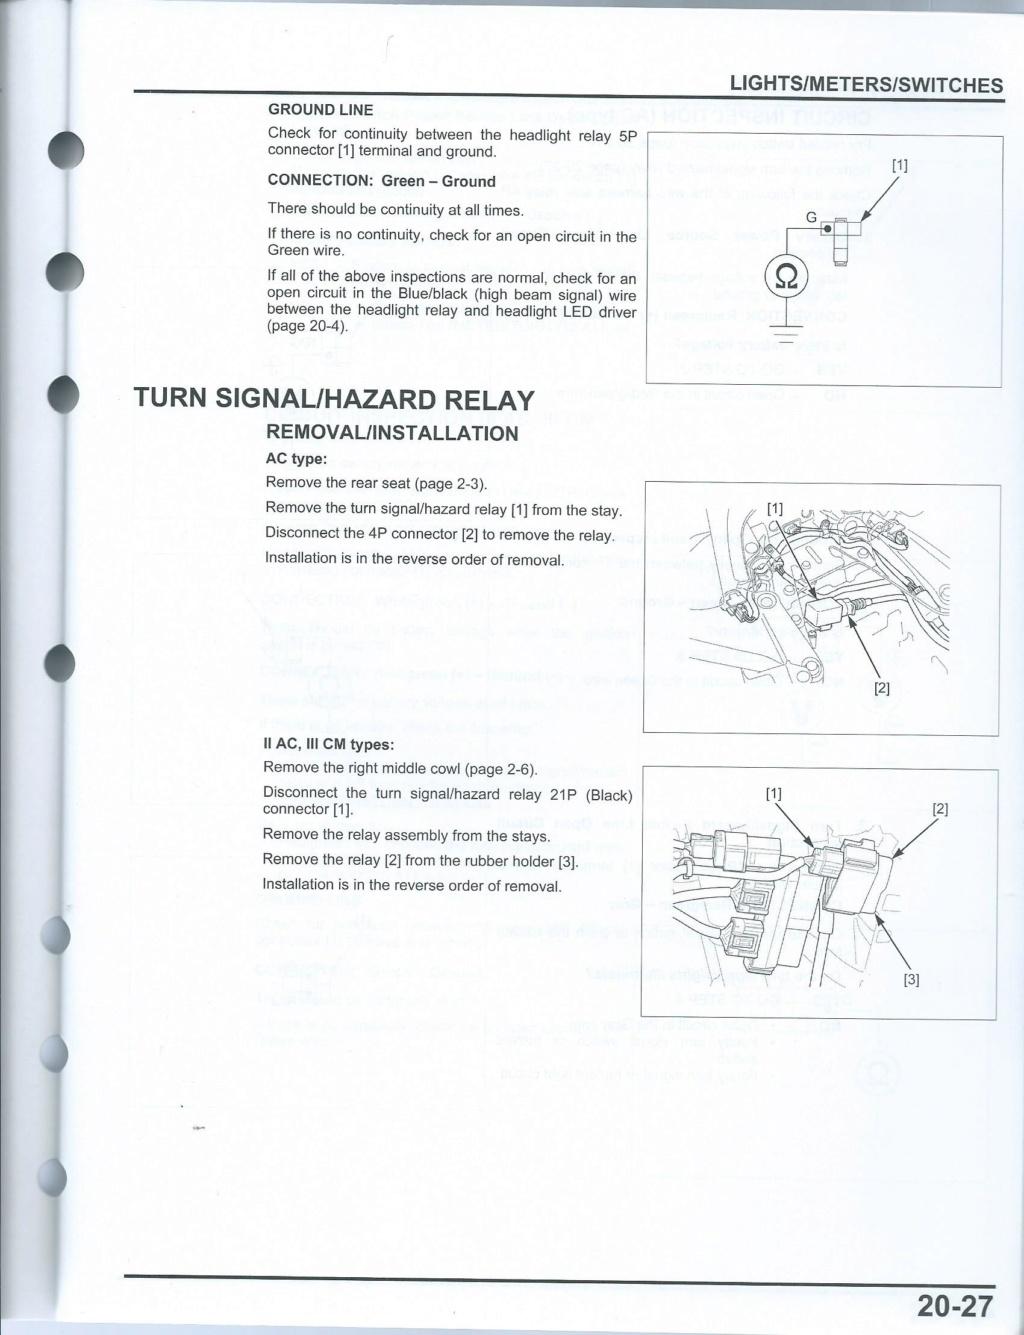 Recherche de pages manuel d'atelier 20-2710